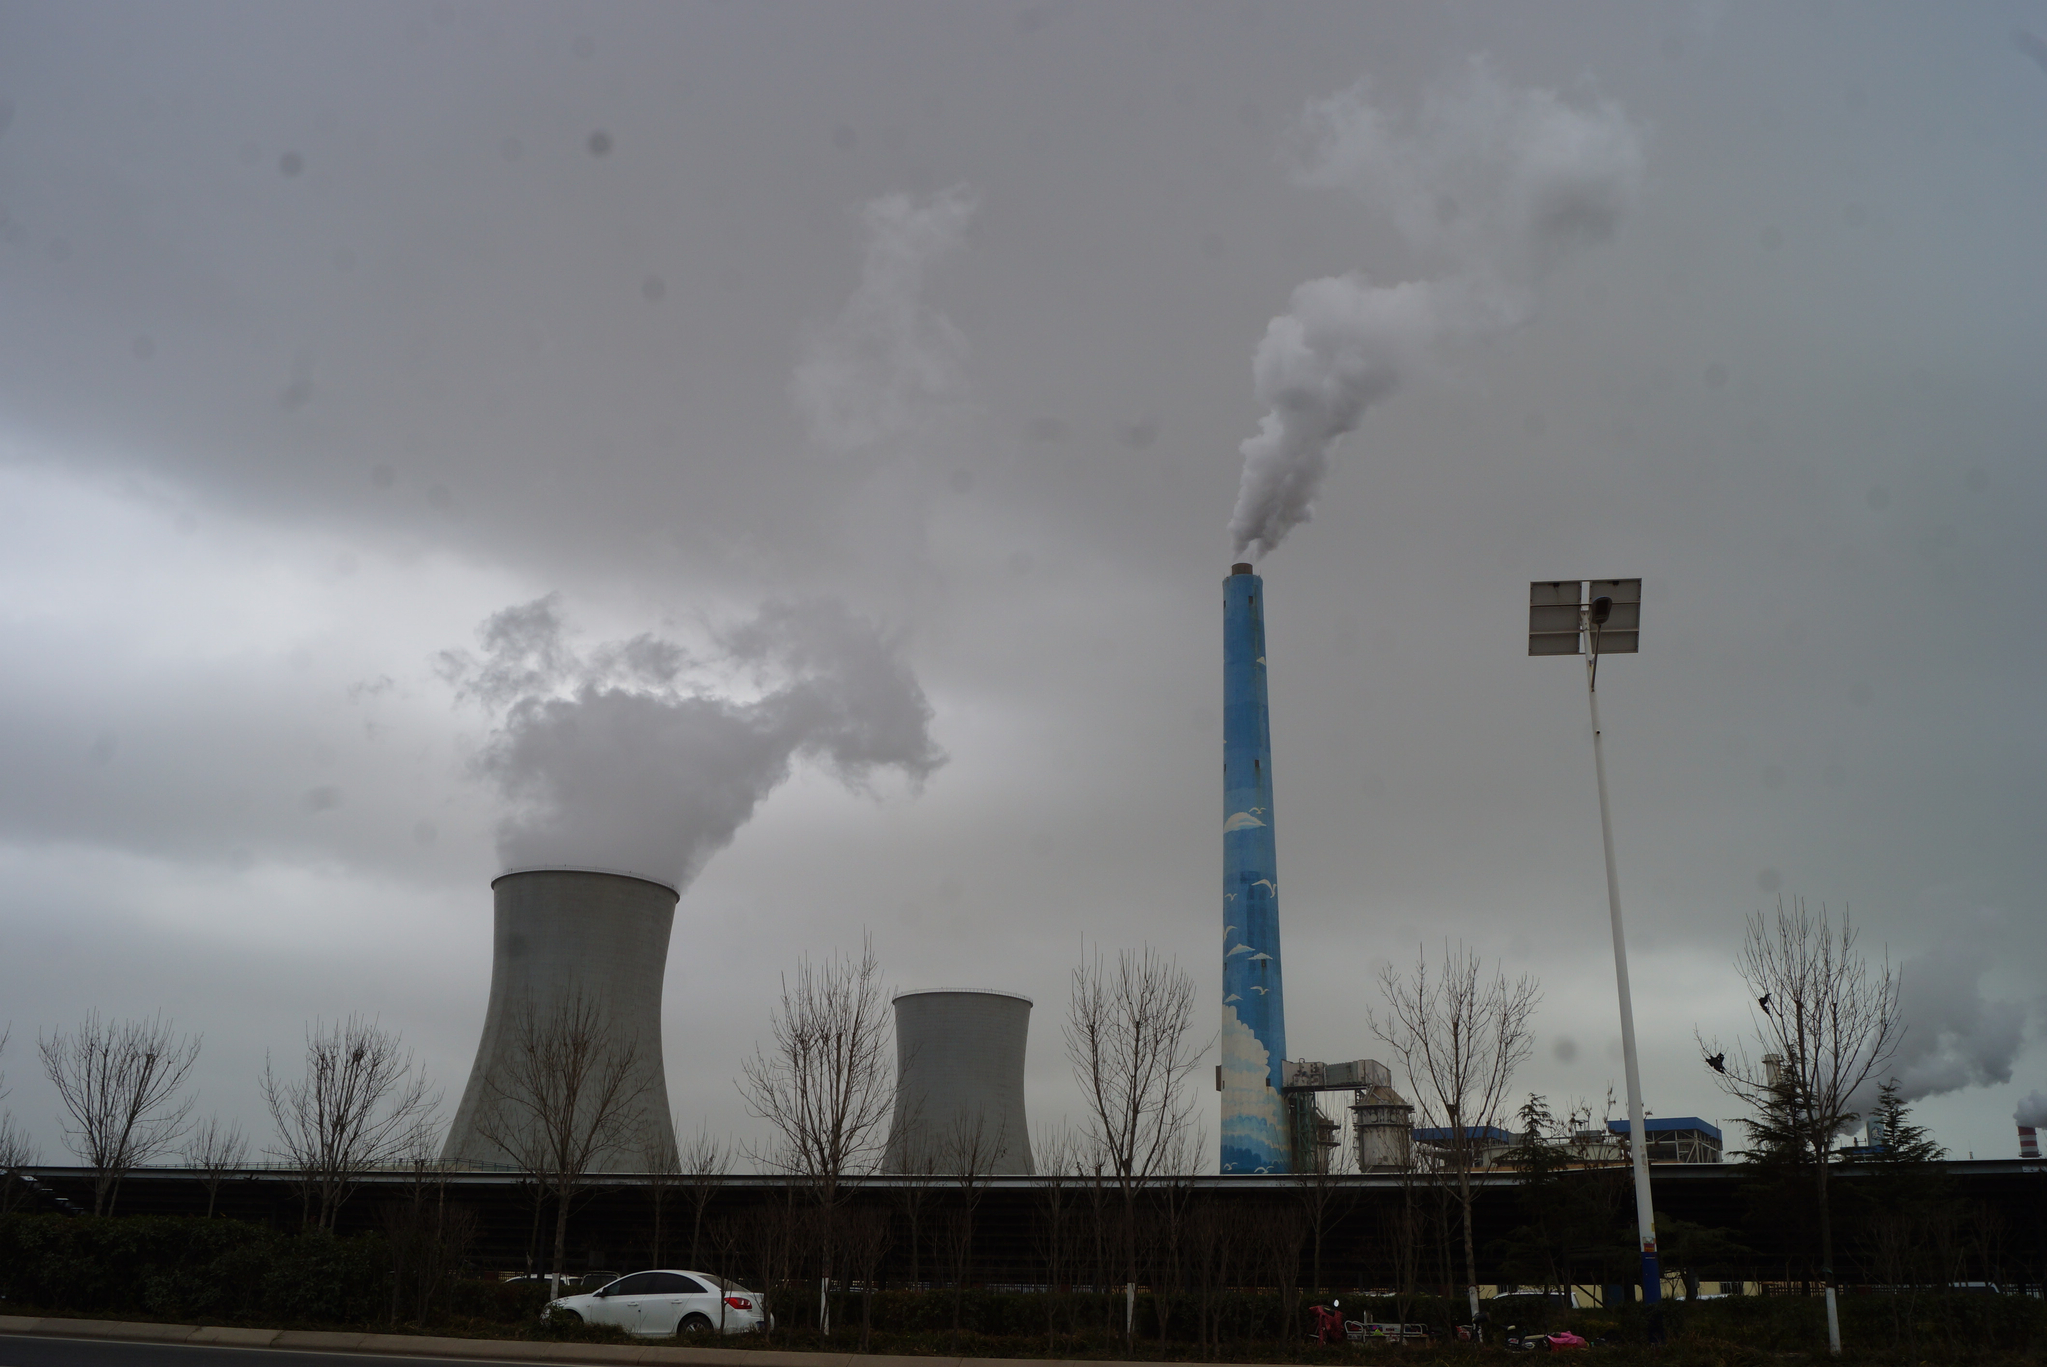 한반도와 가까운 곳에 오염시설 옮겼다? 中 산둥성 가보니